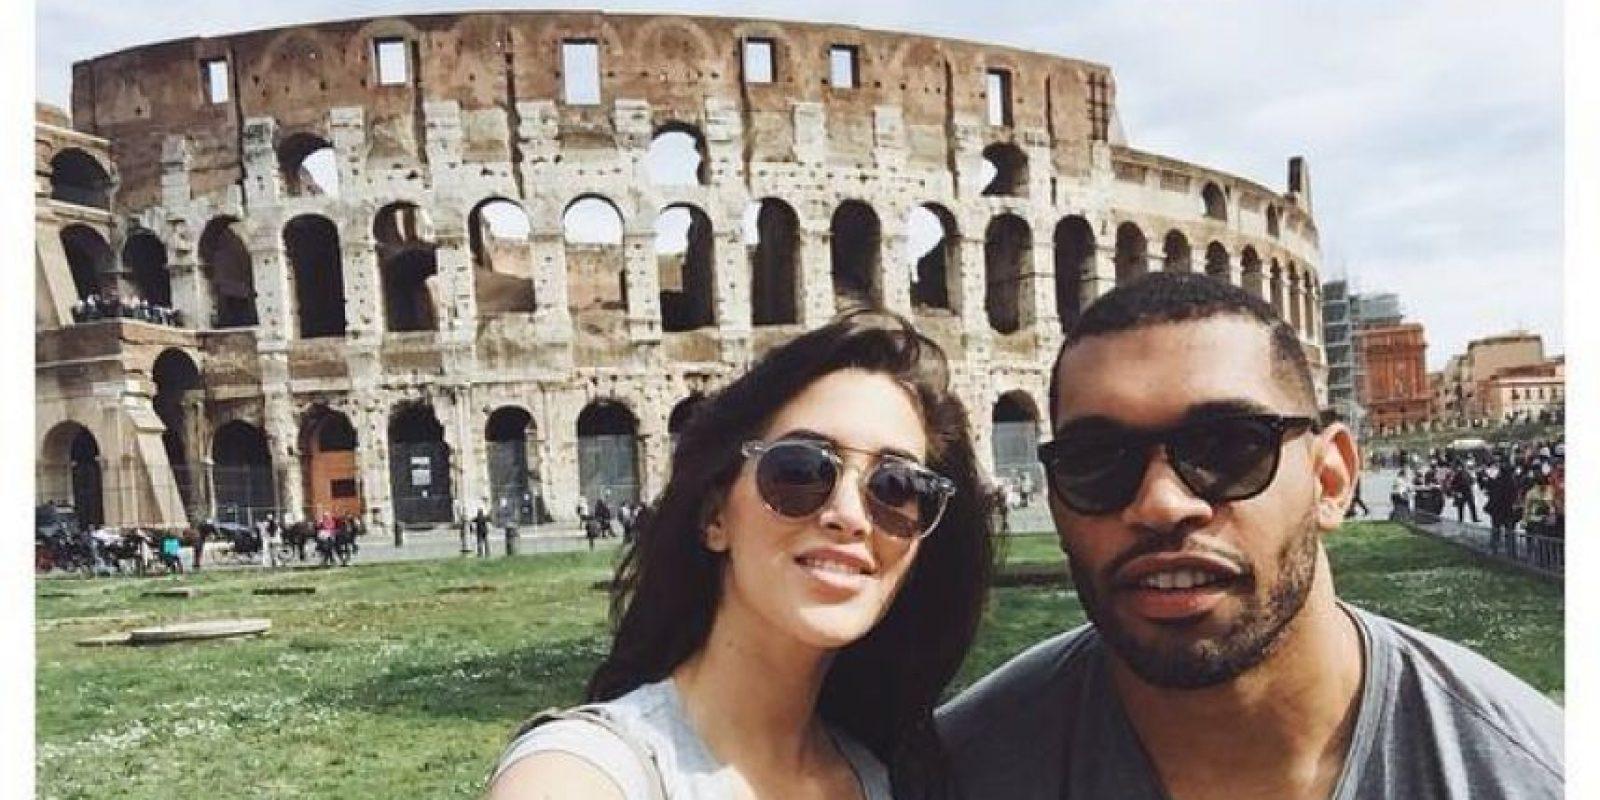 Claudia Sampedro, modelo cubana, está casada con el defensivo de la NFL Julius Peppers Foto:Twitter / @claudiasampedro